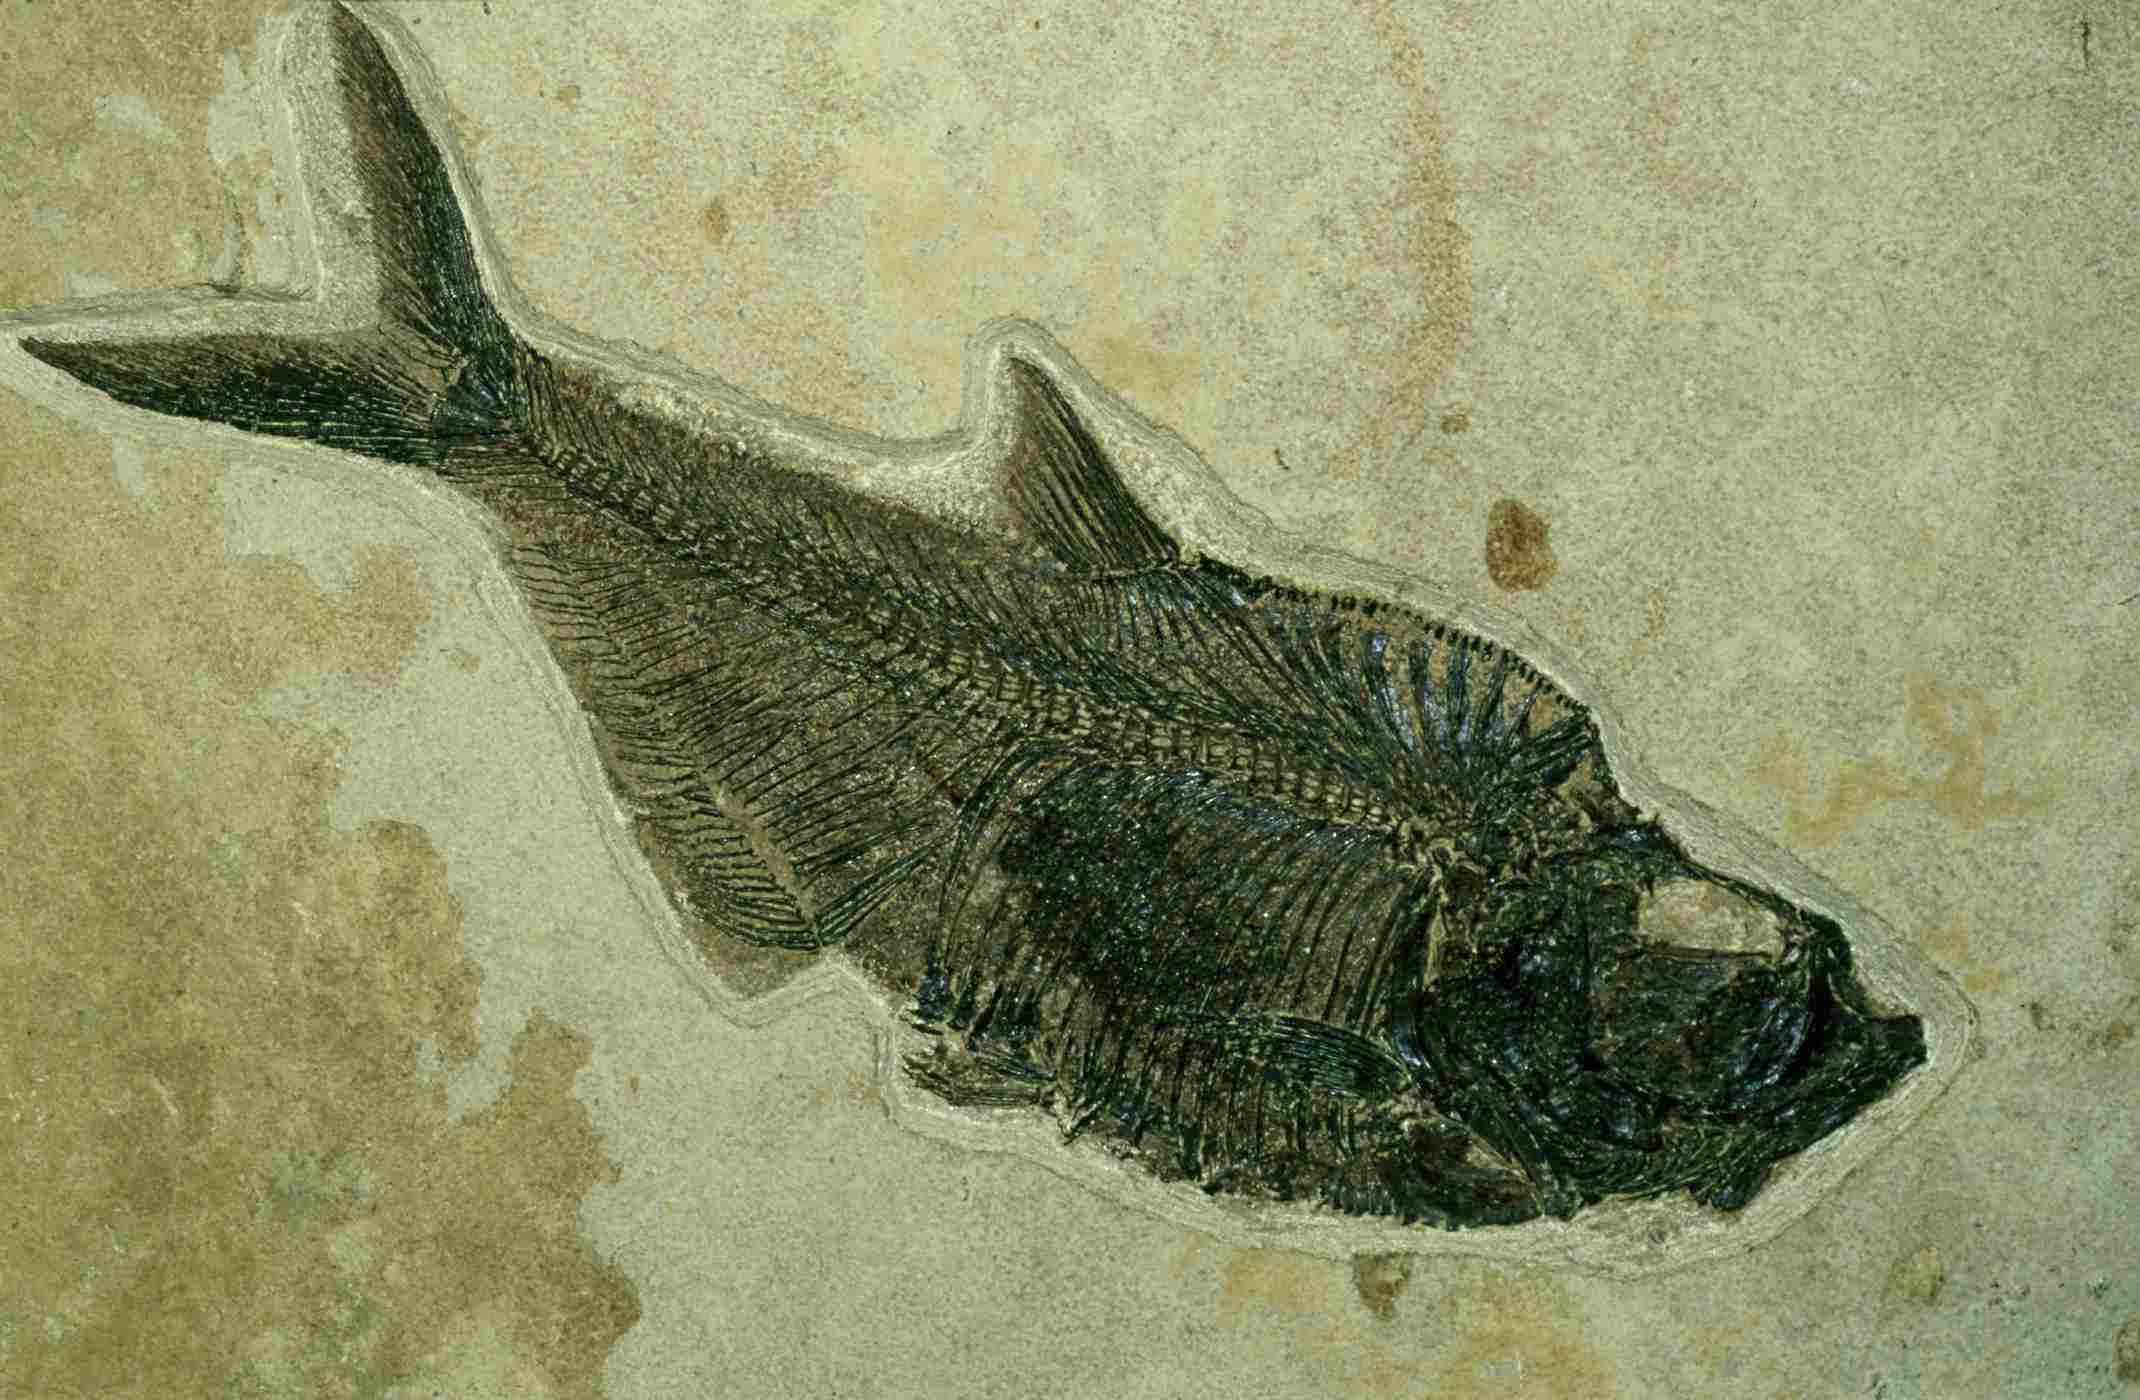 Diplomystus fossil